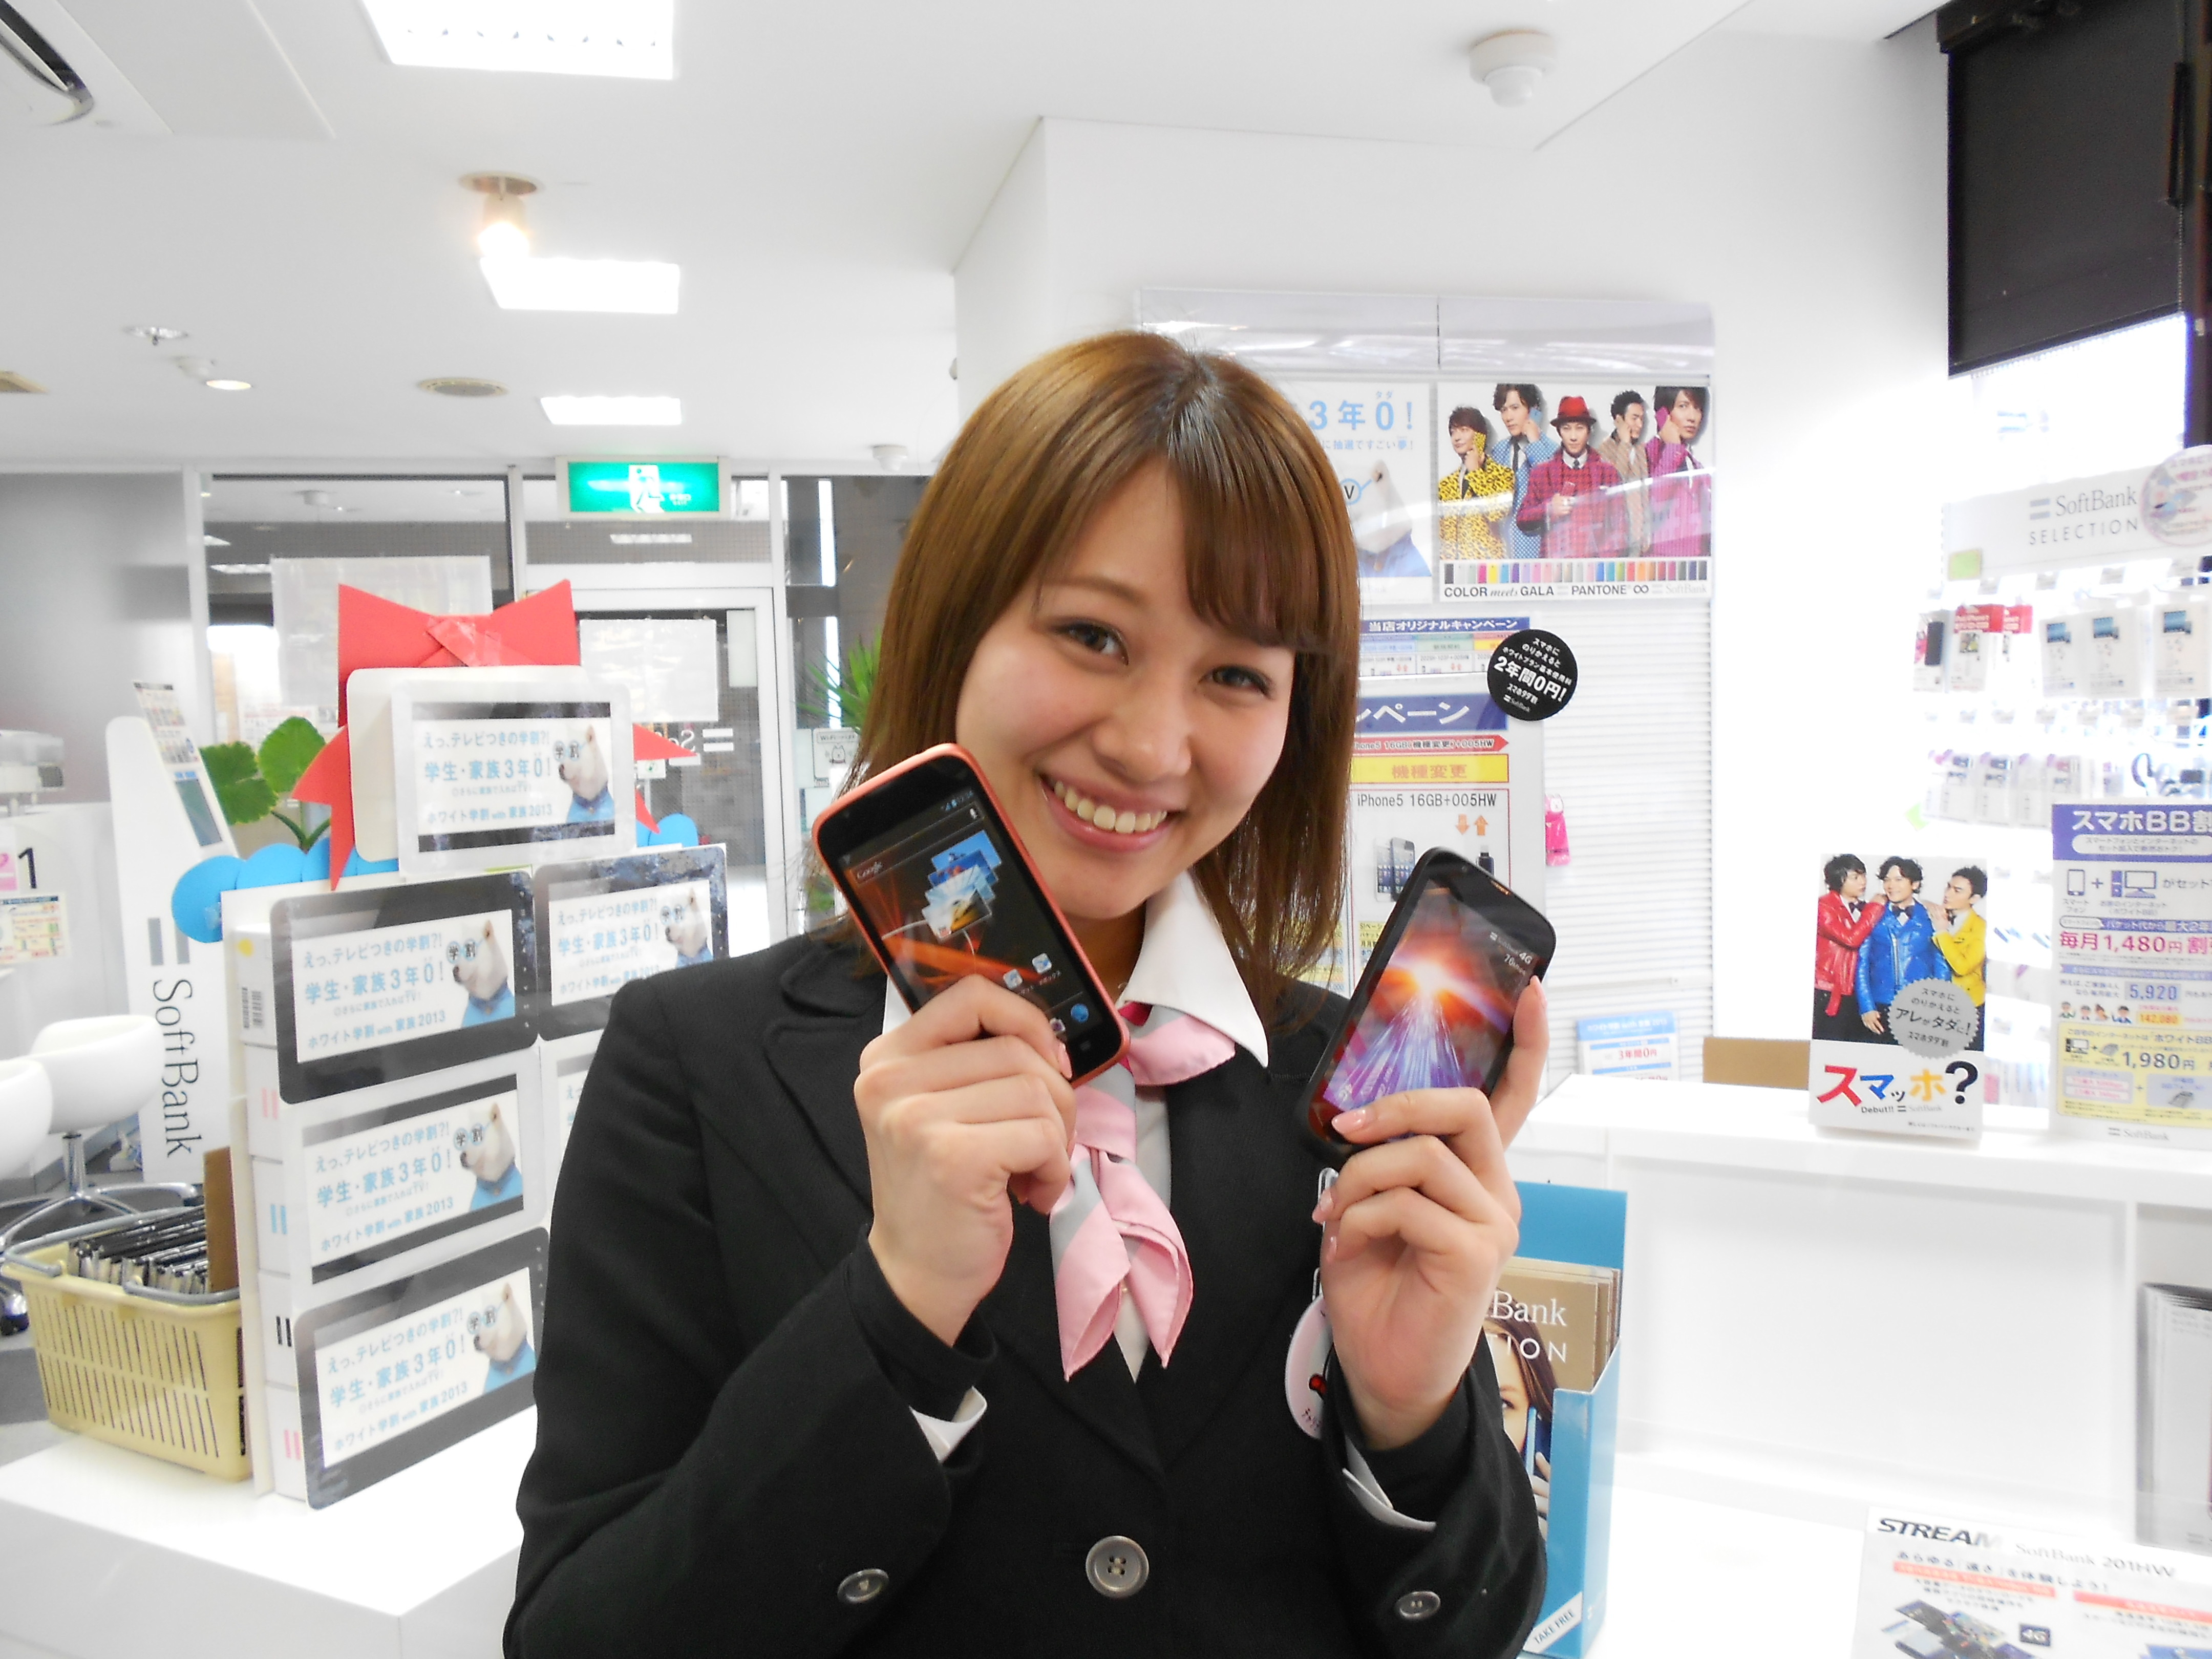 ソフトバンク 浜松有玉店(株式会社シエロ)のアルバイト情報